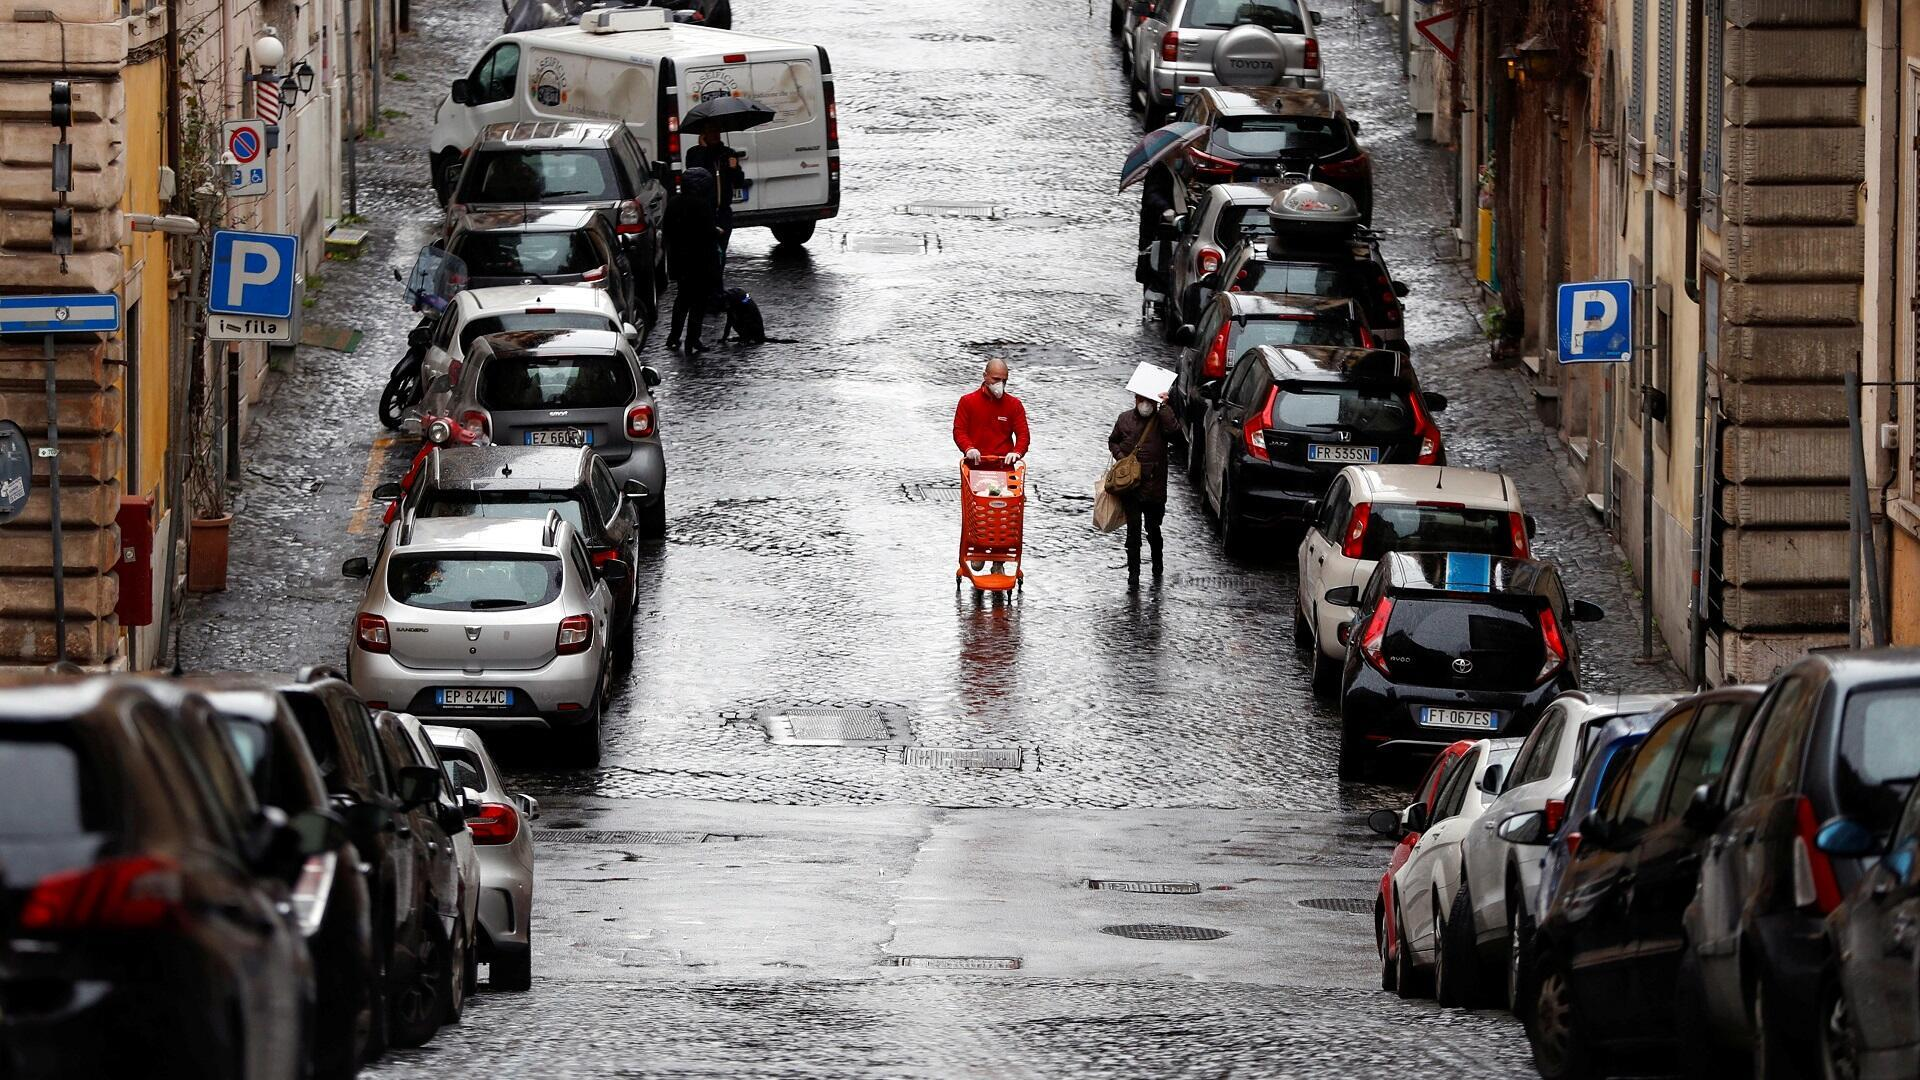 Un hombre usa un hocico y empuja un carrito de compras frente a él en una calle semivacía en la capital italiana, Roma, el 26 de marzo de 2020.